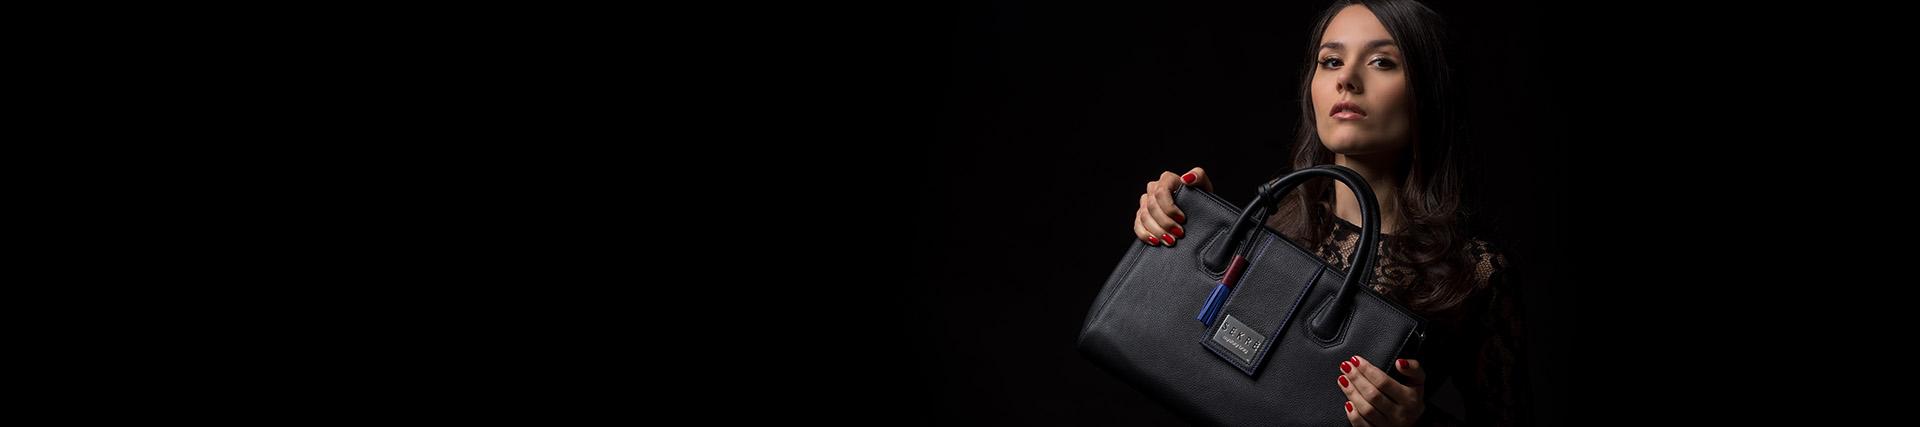 SEKRÈ – die Luxus-Handtasche mit Geheimnis